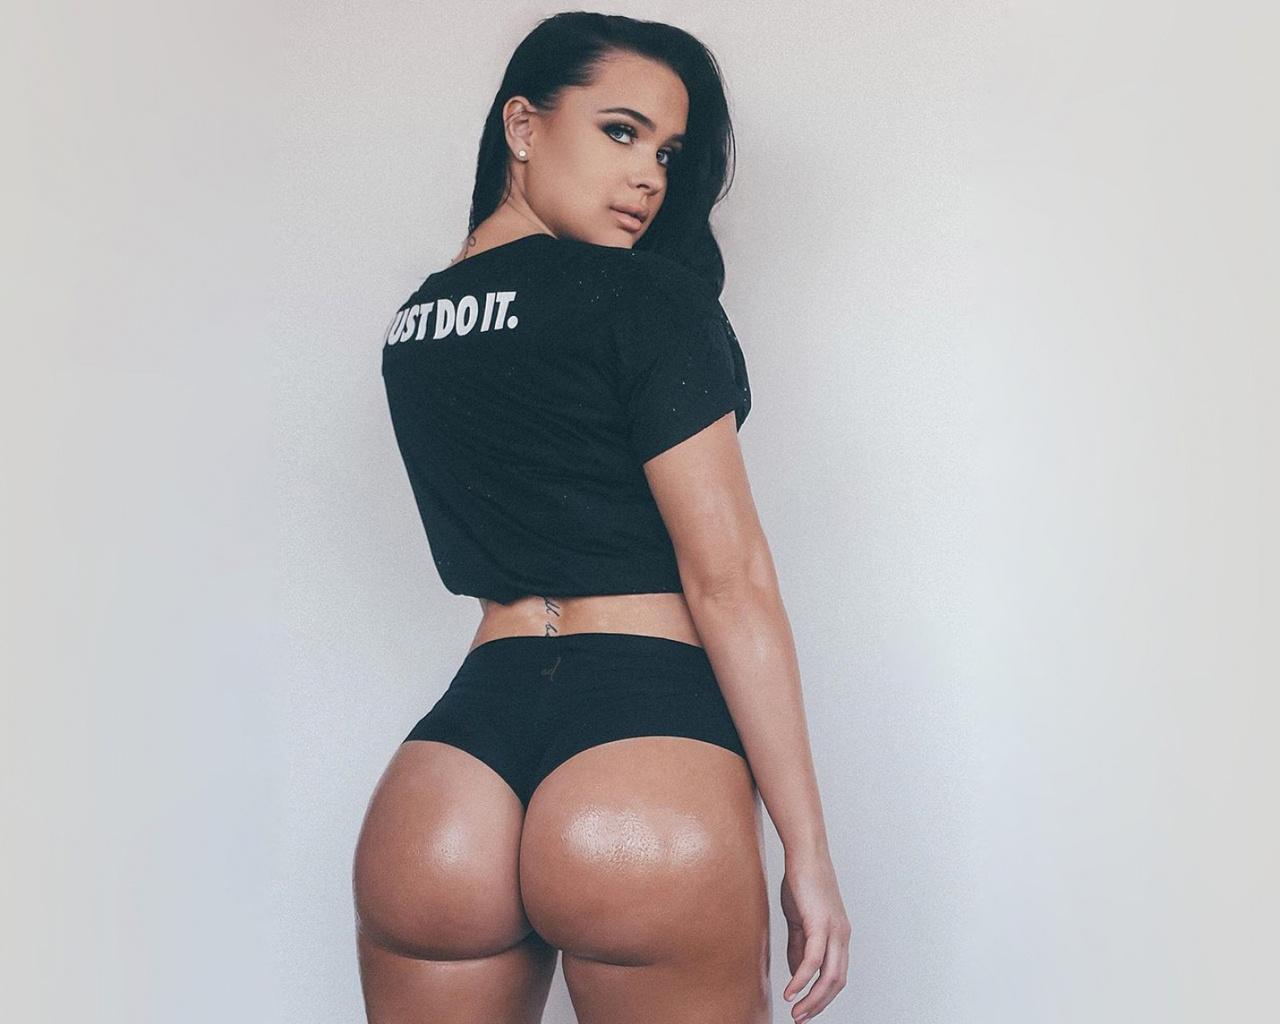 Сладкие большие попы женщин, Порно с большими попками Видео 1 фотография